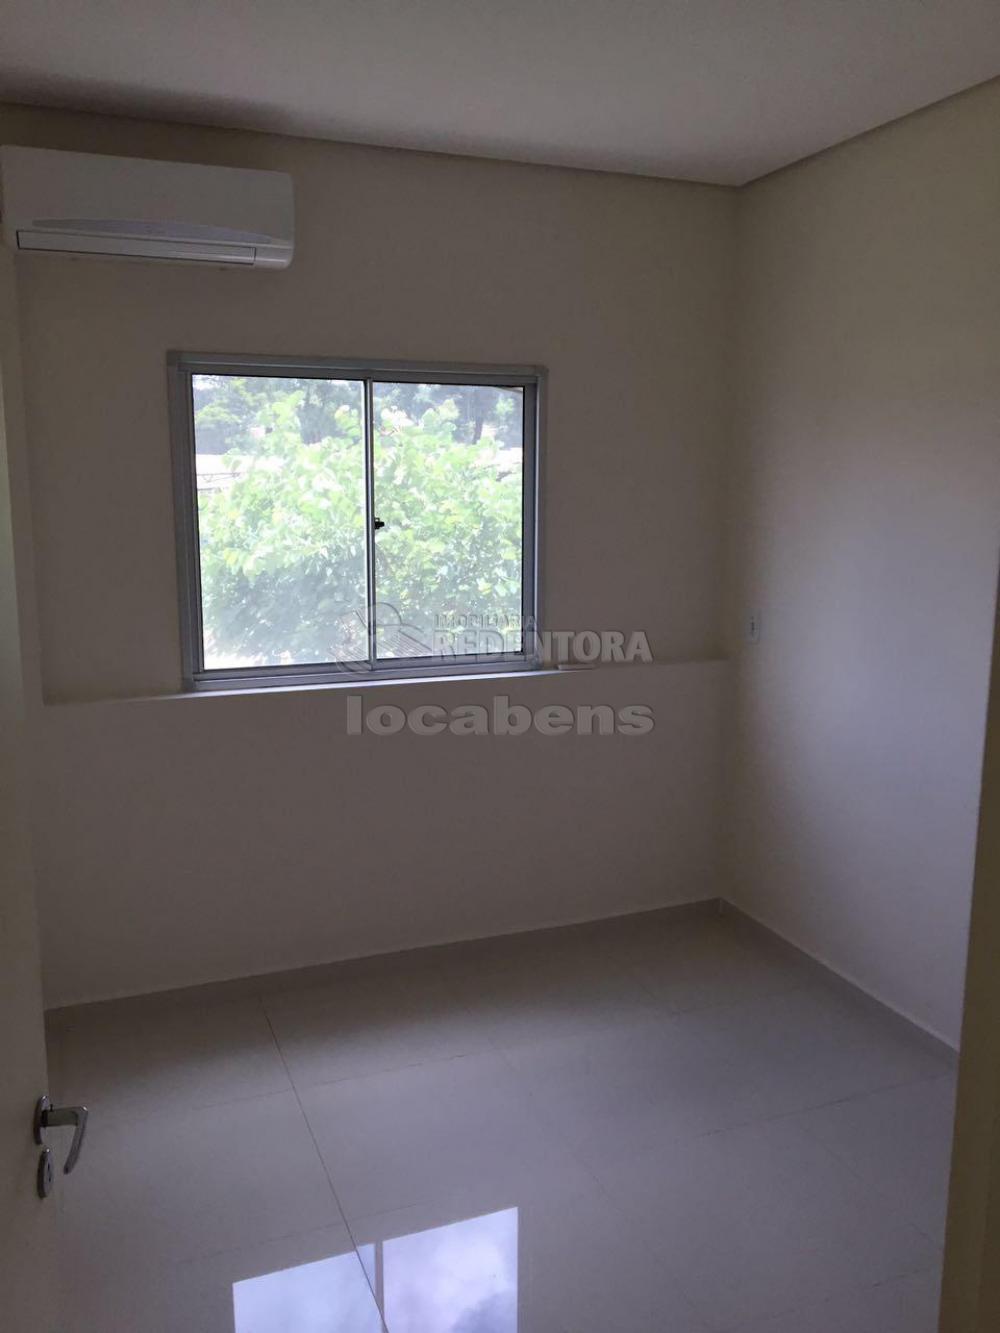 Comprar Apartamento / Padrão em São José do Rio Preto apenas R$ 180.000,00 - Foto 7